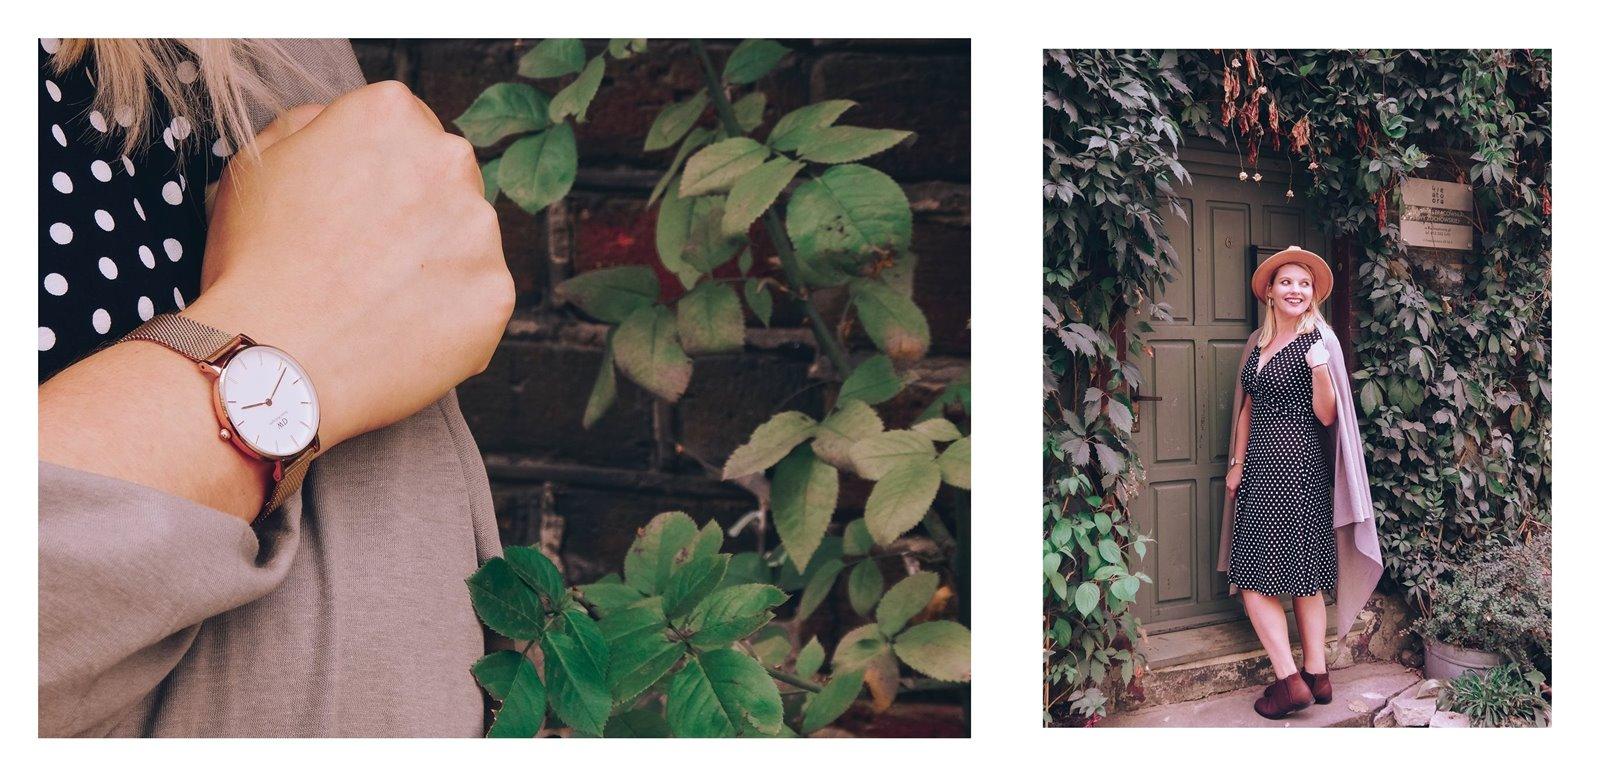 4a jak zdobyć popularność na instagramie oszustwa kłamstwa blogerów jak blogosfera kłamie reklamy na blogach facebooku stylizacja blog łódź melodylaniella bonprix sukienka kapelusz hot moda cado szal sukienka